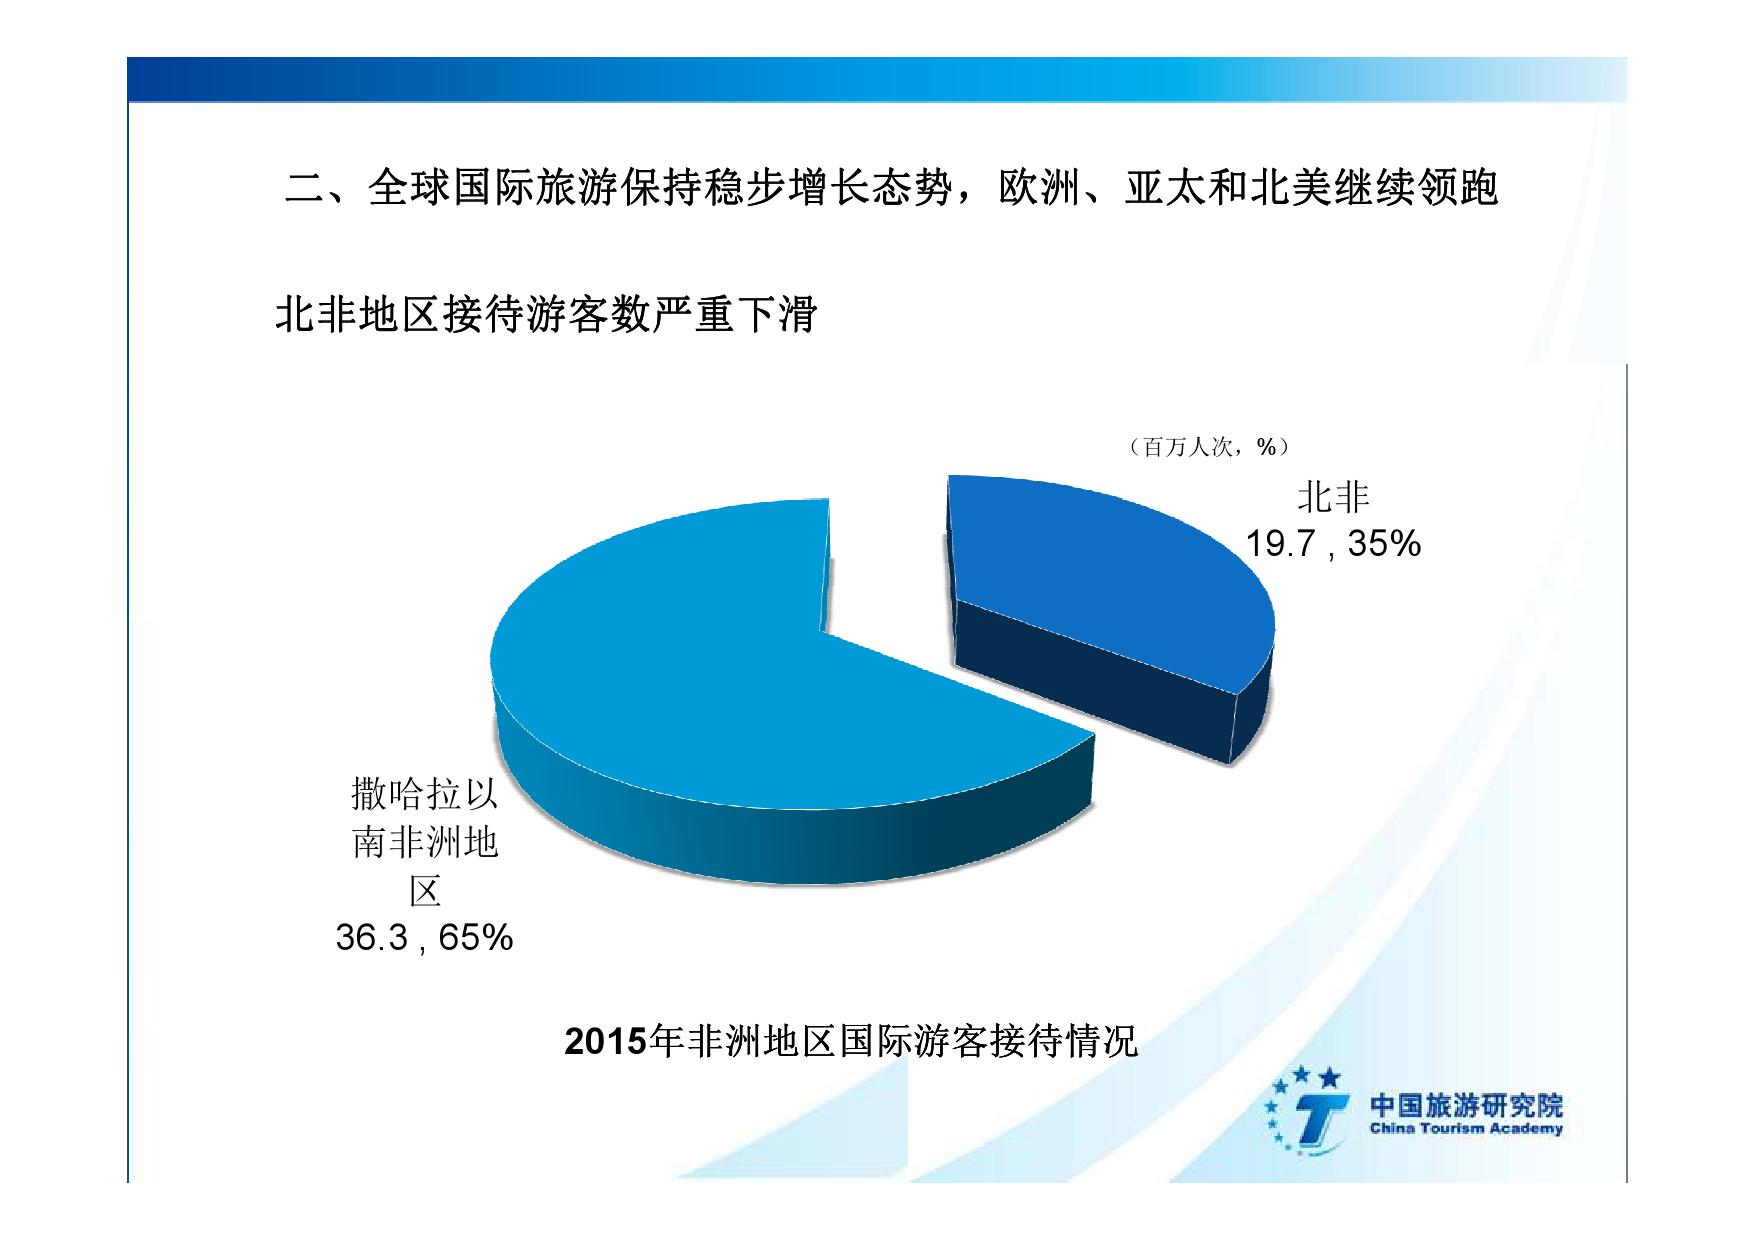 2016中国入境旅游发展年度报告_000015